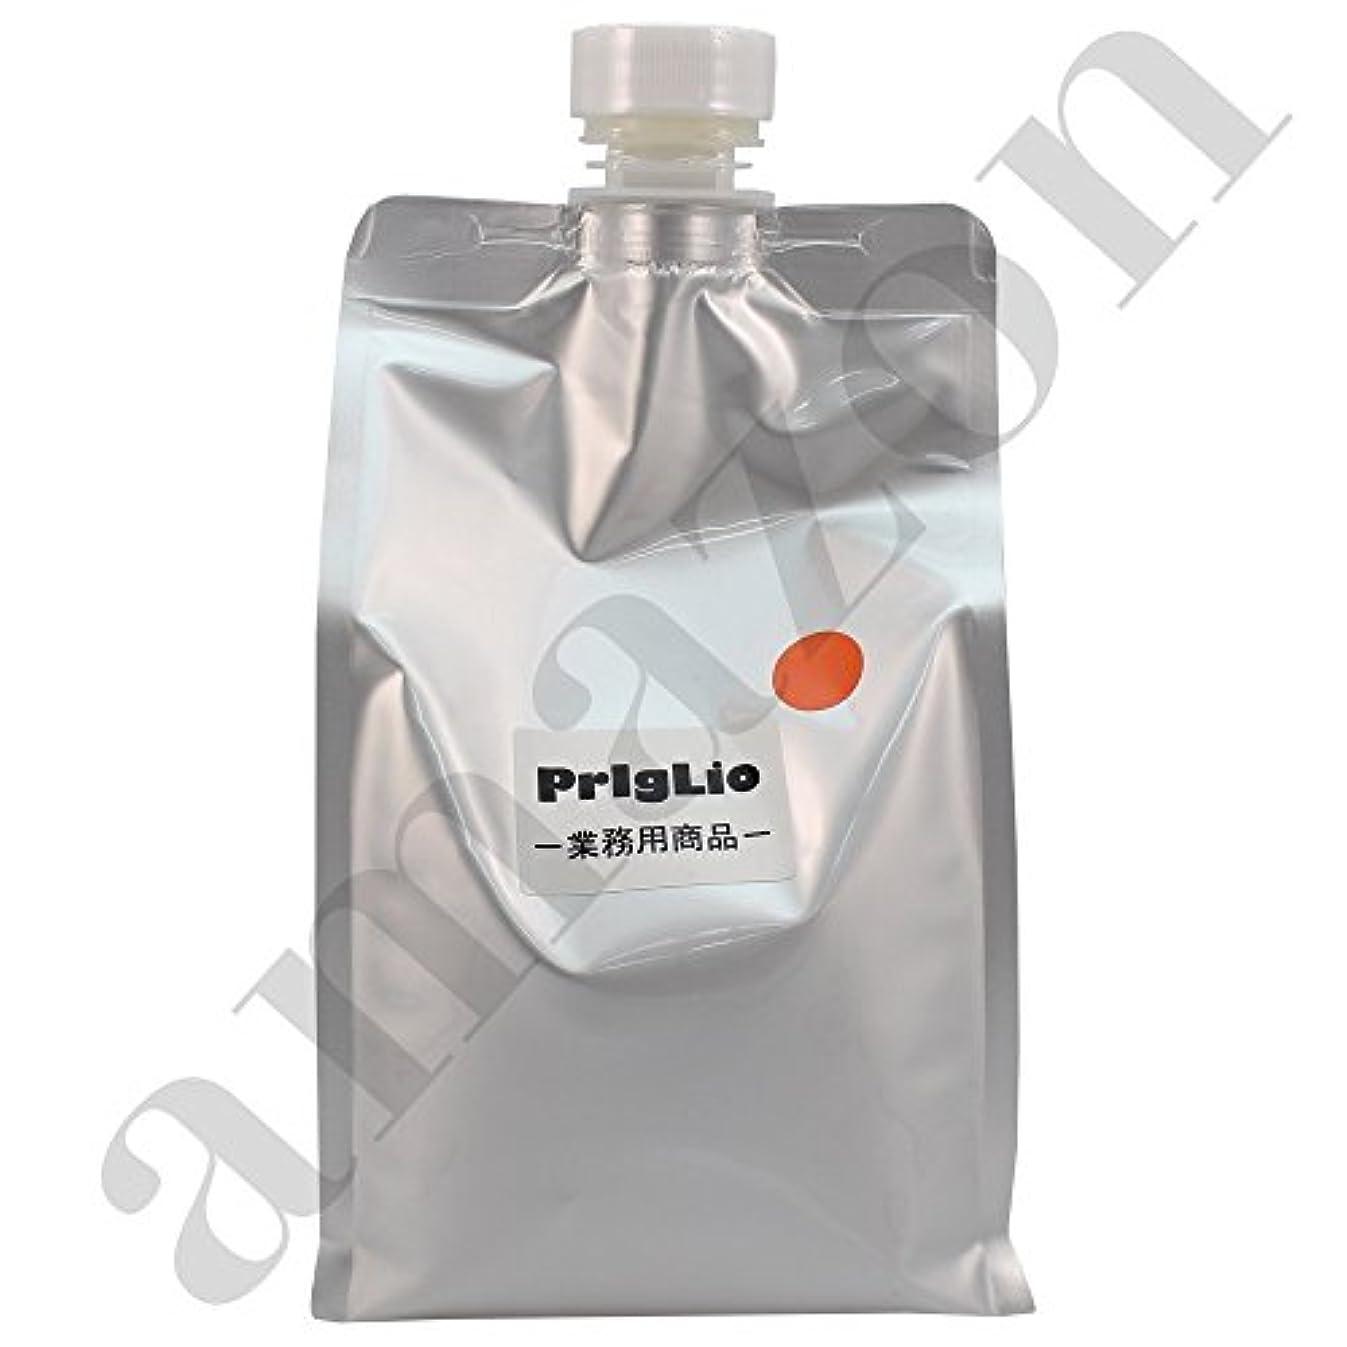 創始者アロング口述するPrigLio(プリグリオ) D オレンジシャンプー 900ml